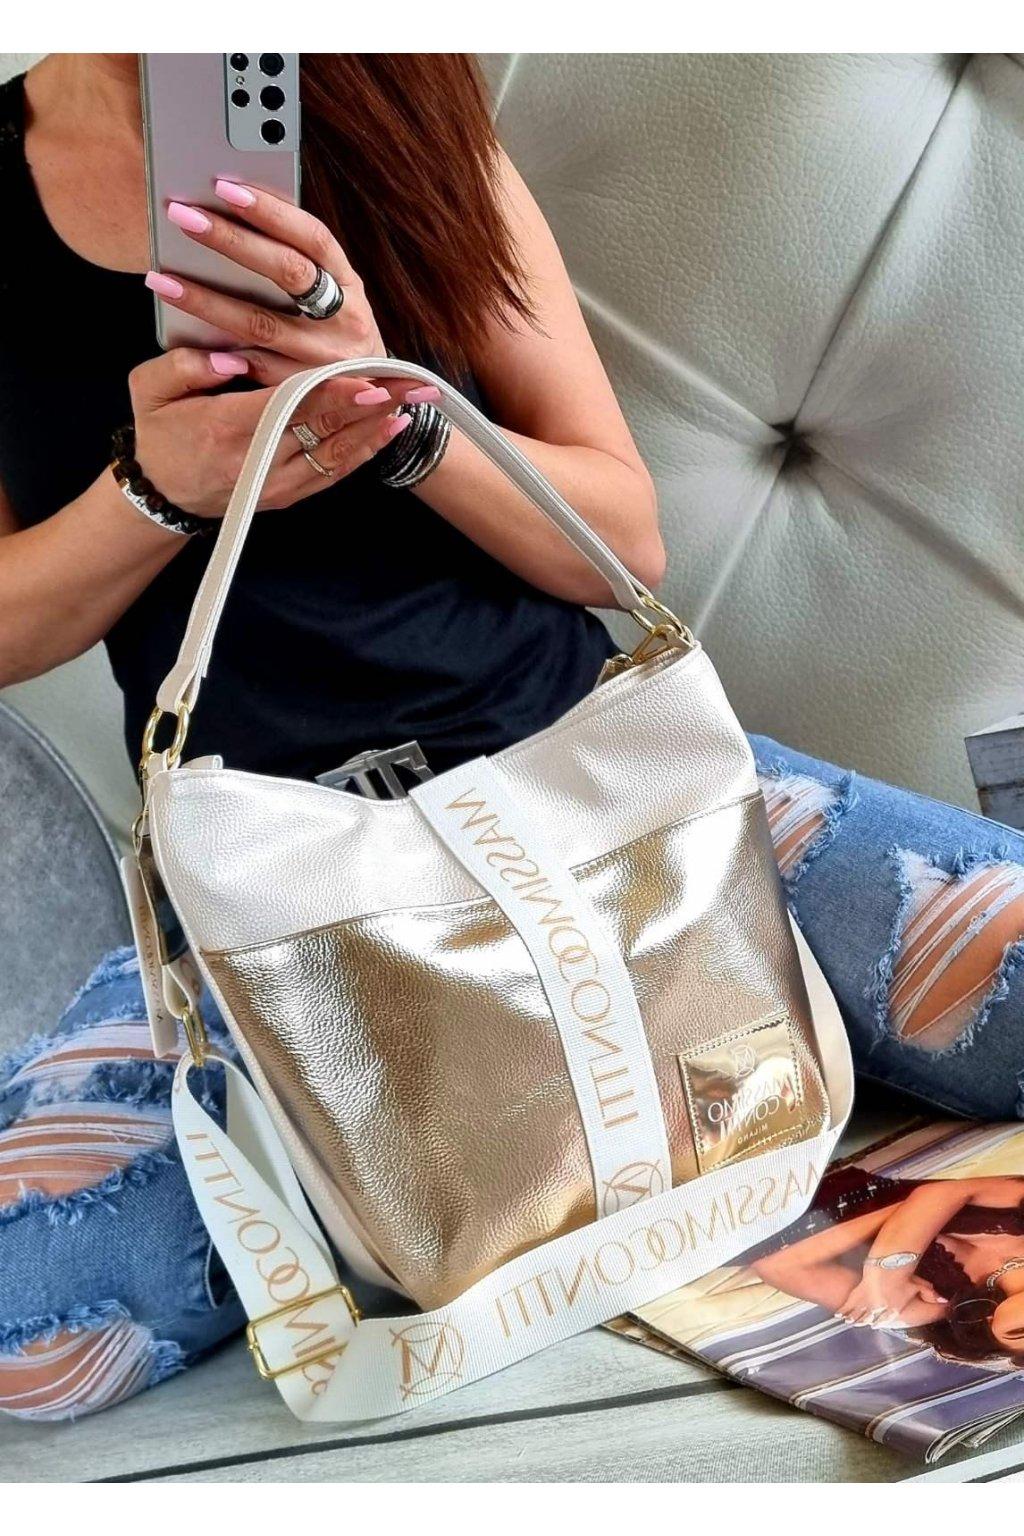 Massimo contti kabelka trendy luxusní značková kabelka italy fashion bílochampagne zlatá